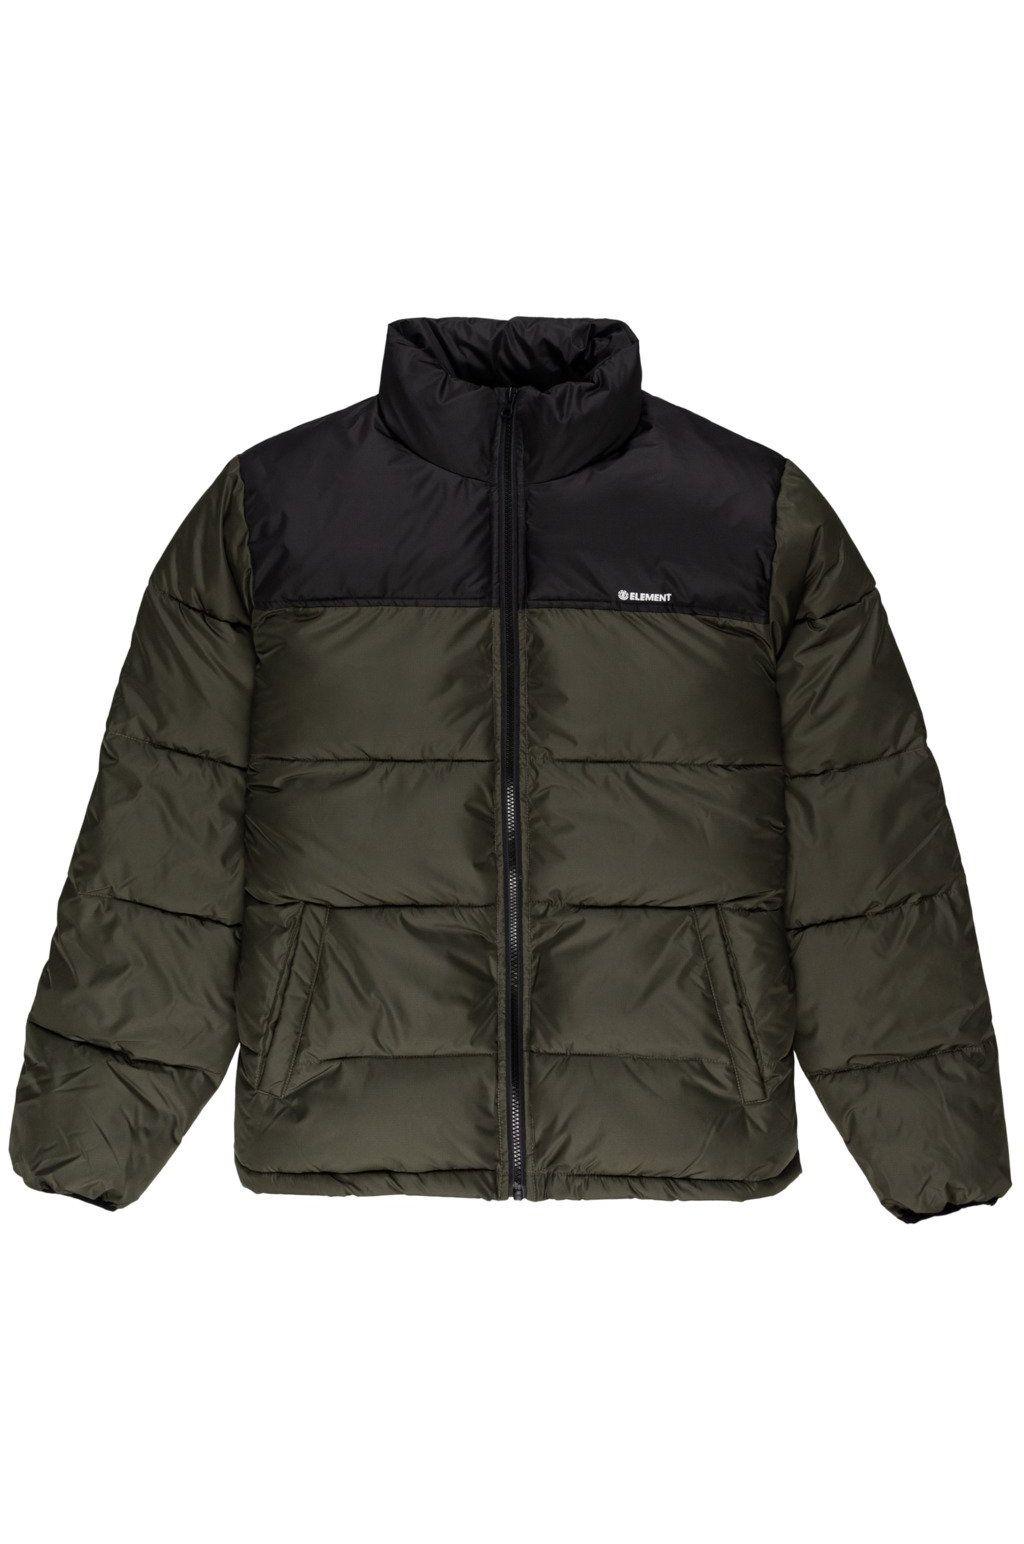 Element Jacket ALDER ARCTIC FUNDAME SPORTING GOOD PROGR. Forest Night